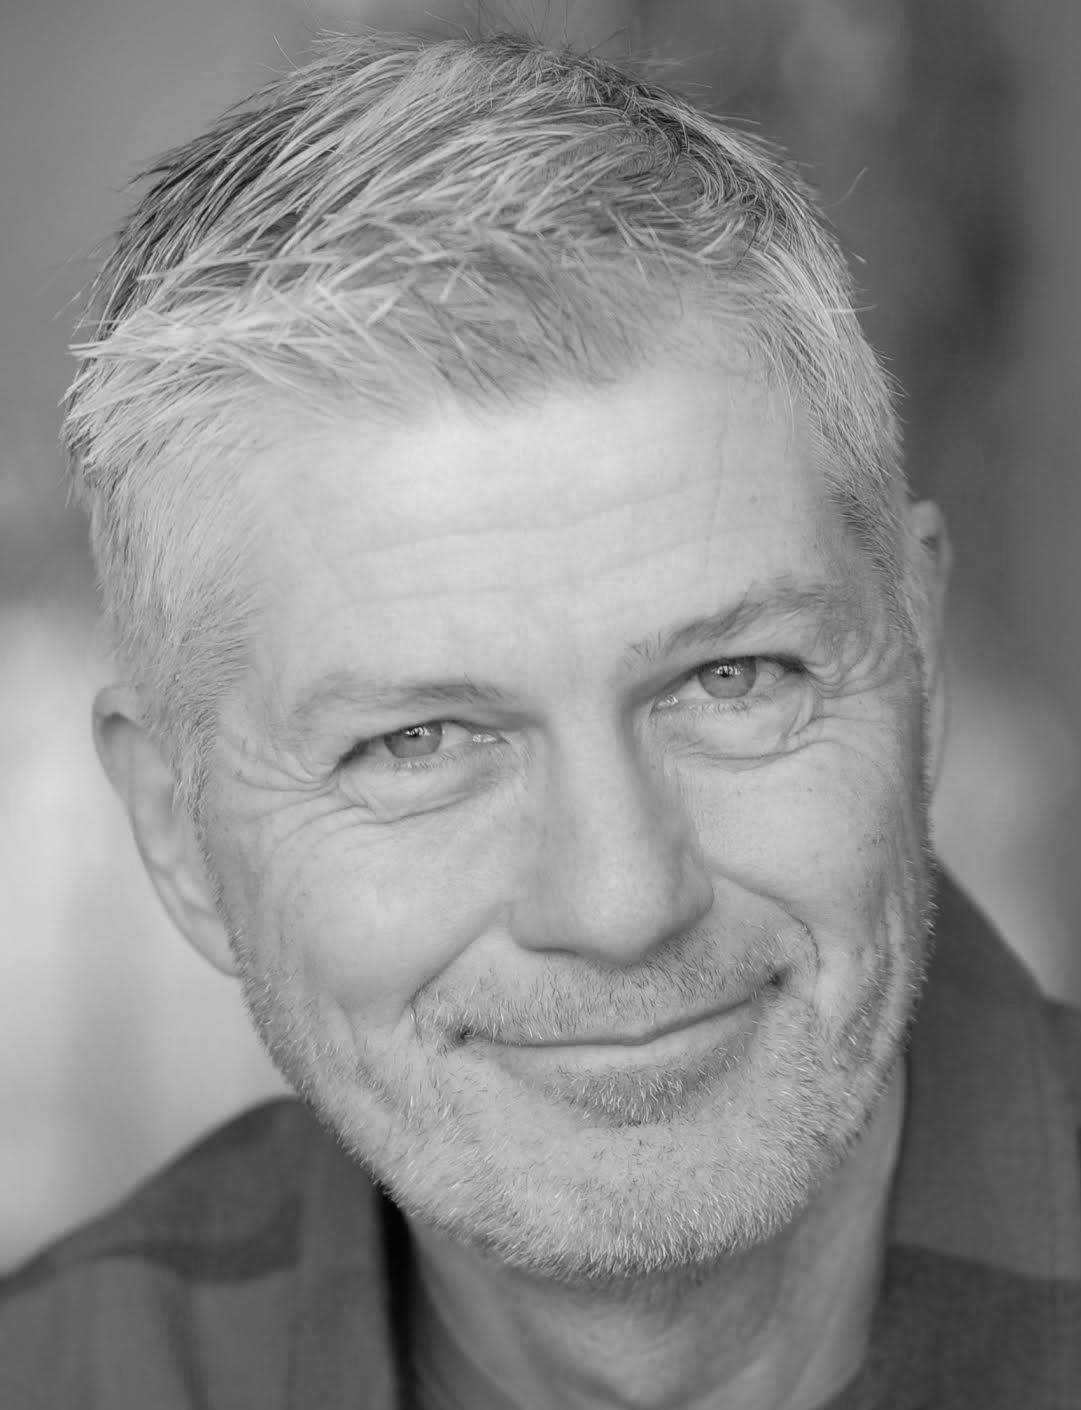 Edward Edwards (actor)